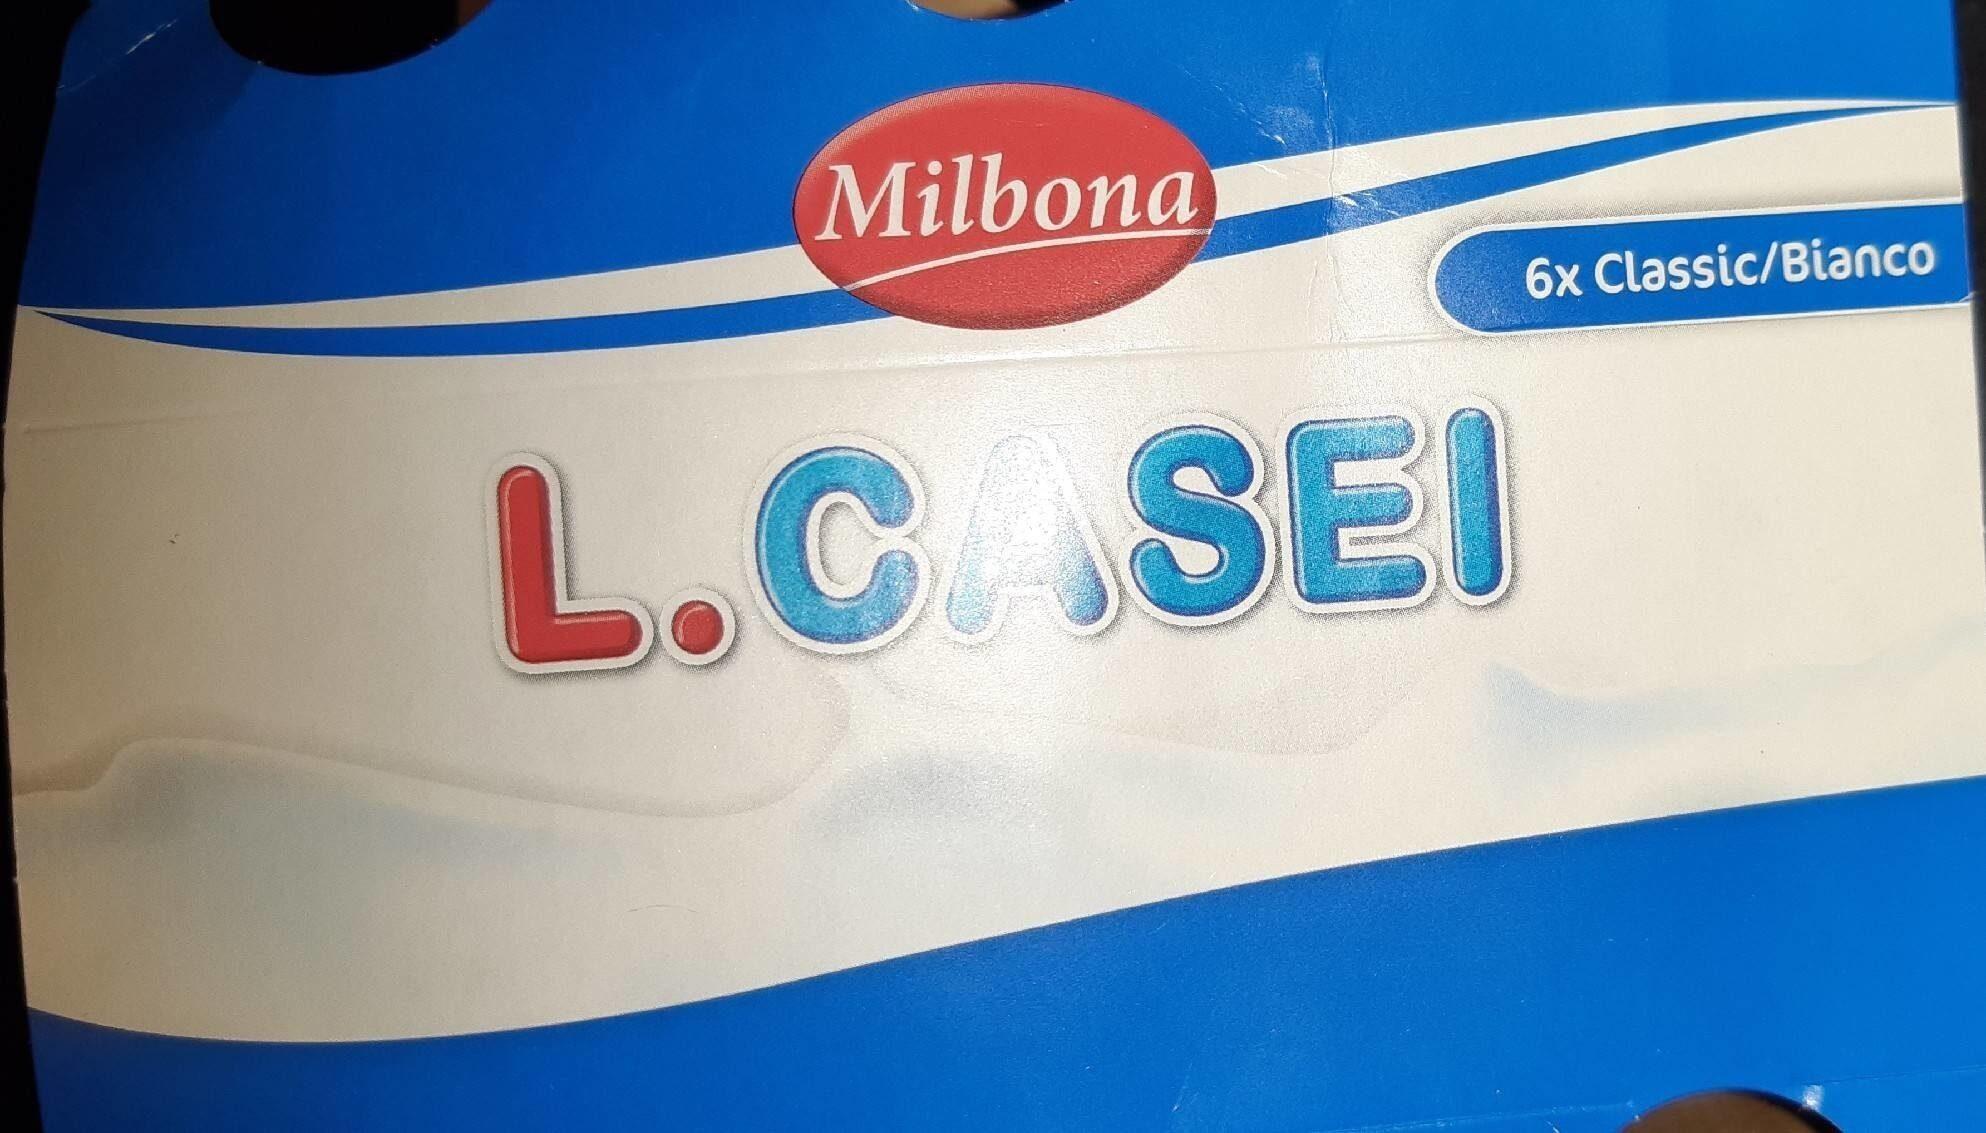 L. Casei - Prodotto - fr